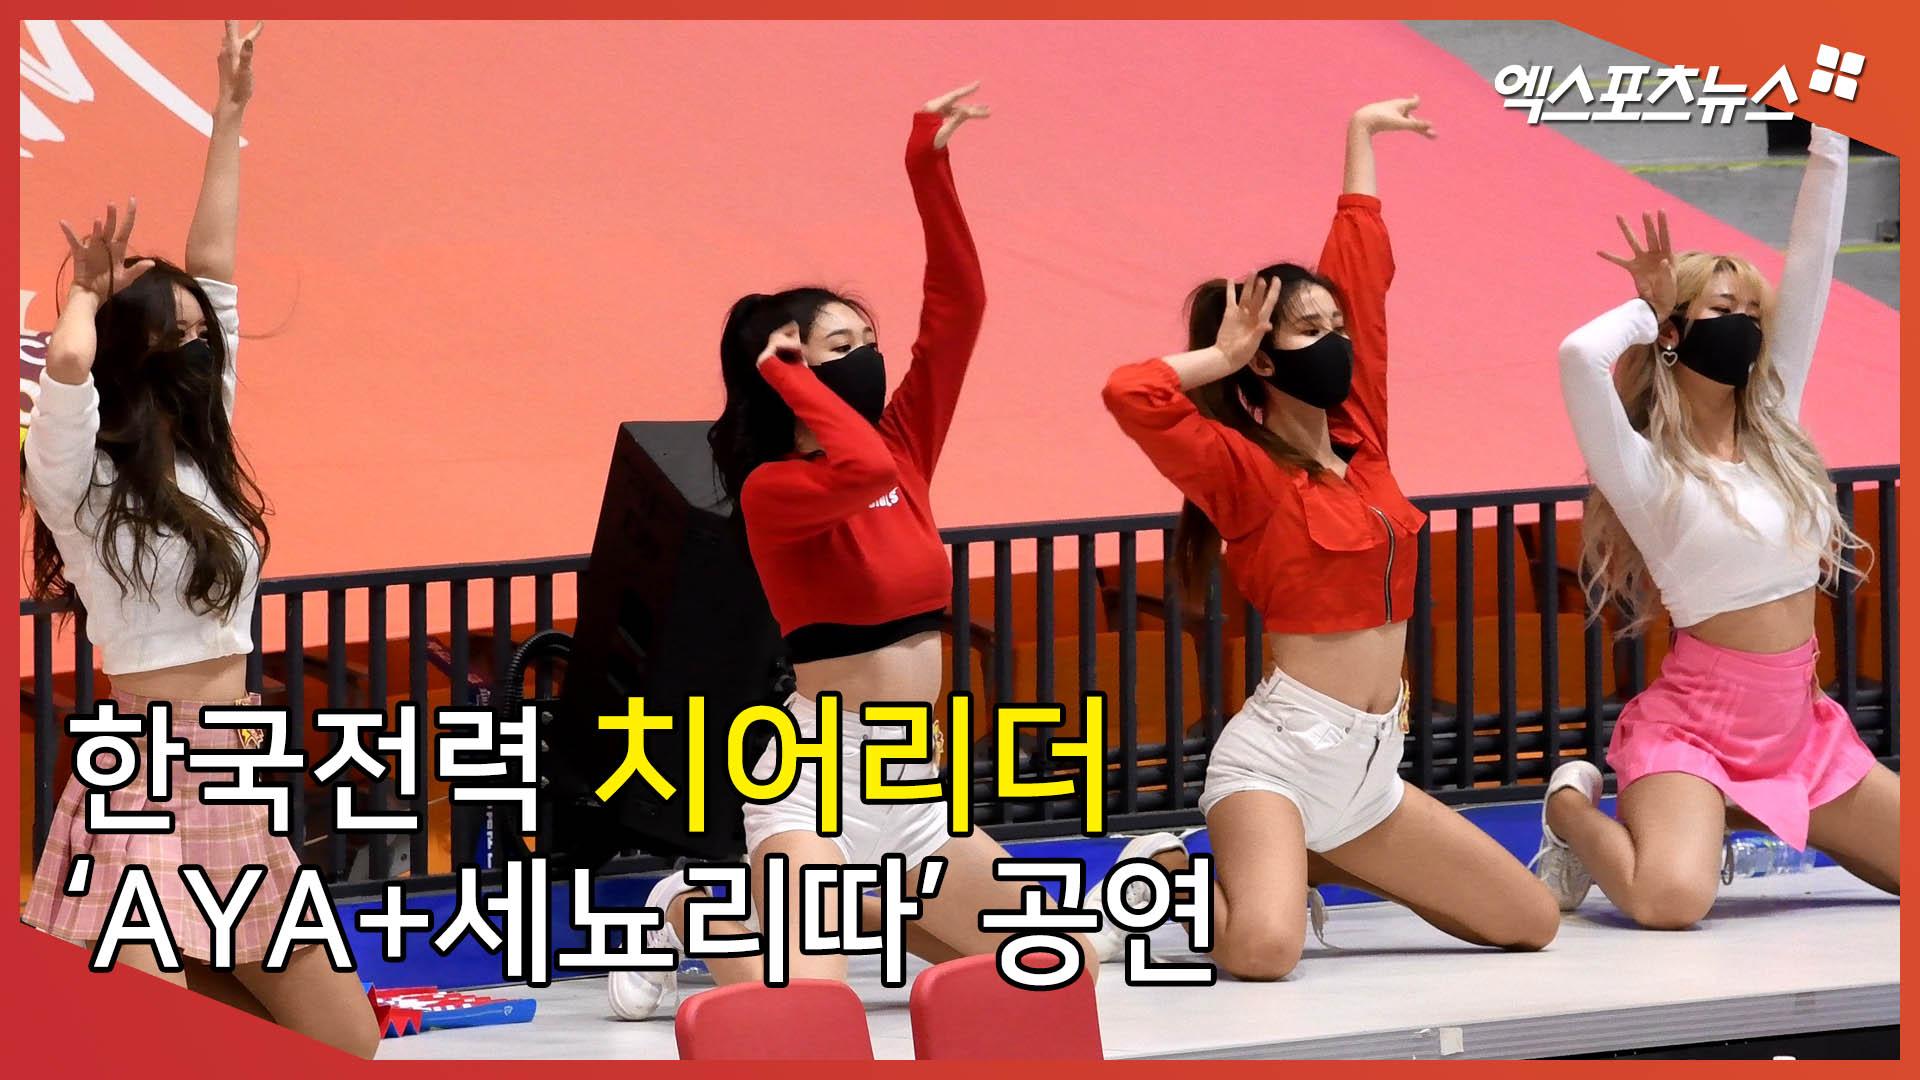 한국전력 치어리더(Cheerleader), 'AYA+세뇨리따' 공연[엑's 영상]